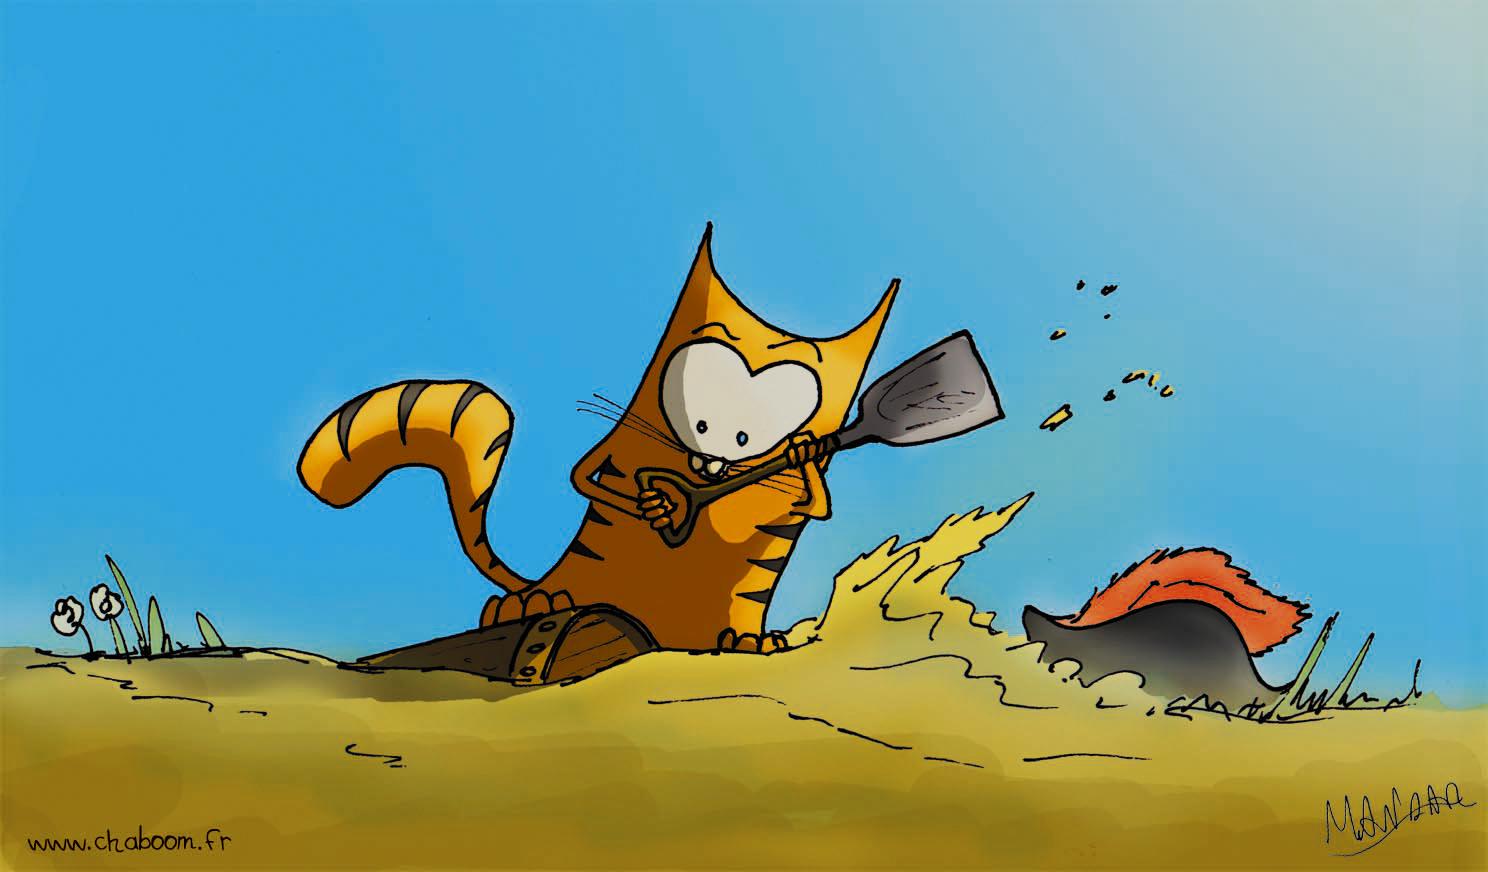 Chaboom le chat Vivez des aventures de pirates avec Chaboom le chat!